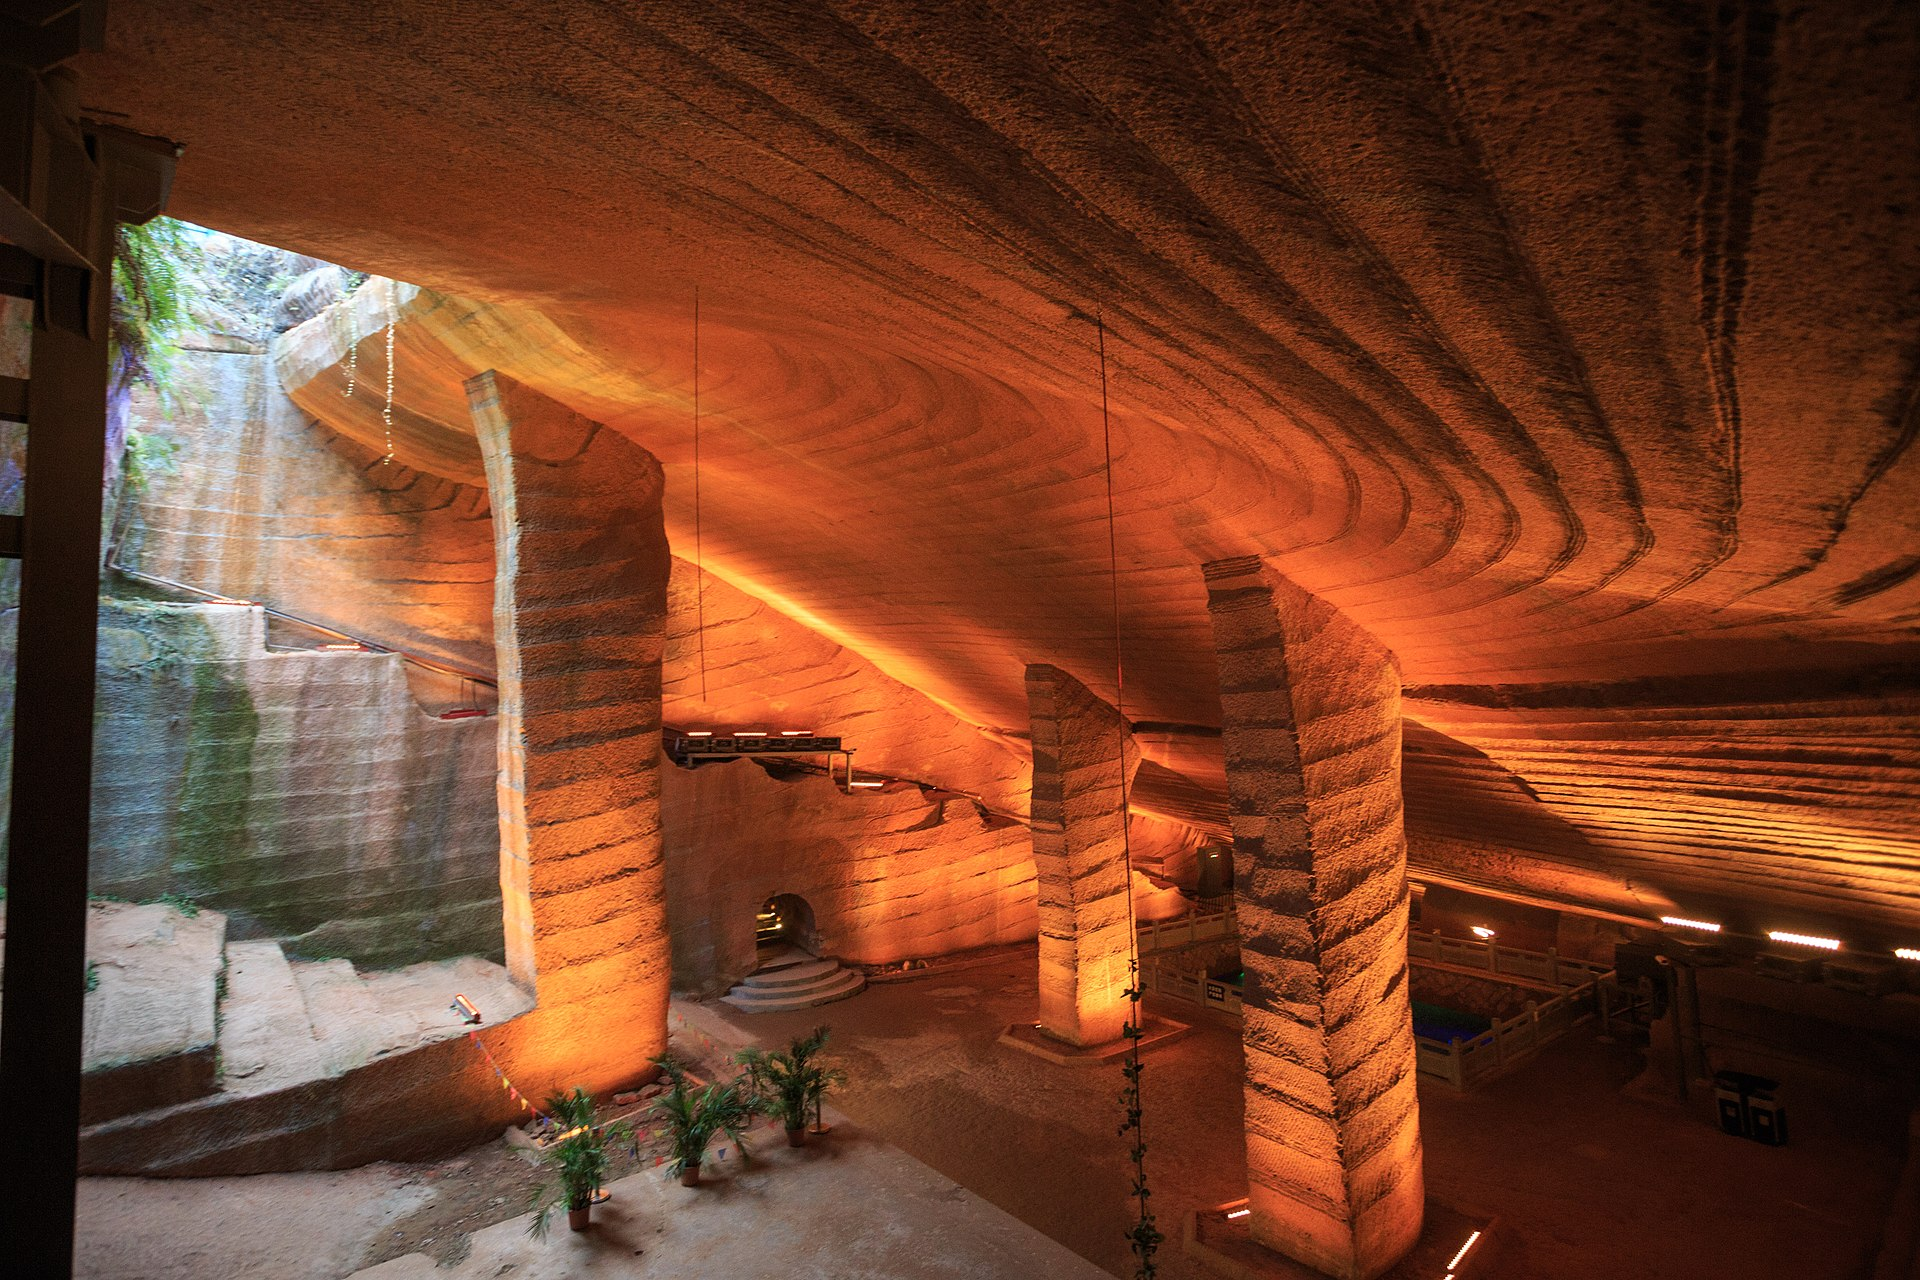 В Китае осушили для чистки озера и нашли входы в подземный город, созданный более 2000 лет назад Культура